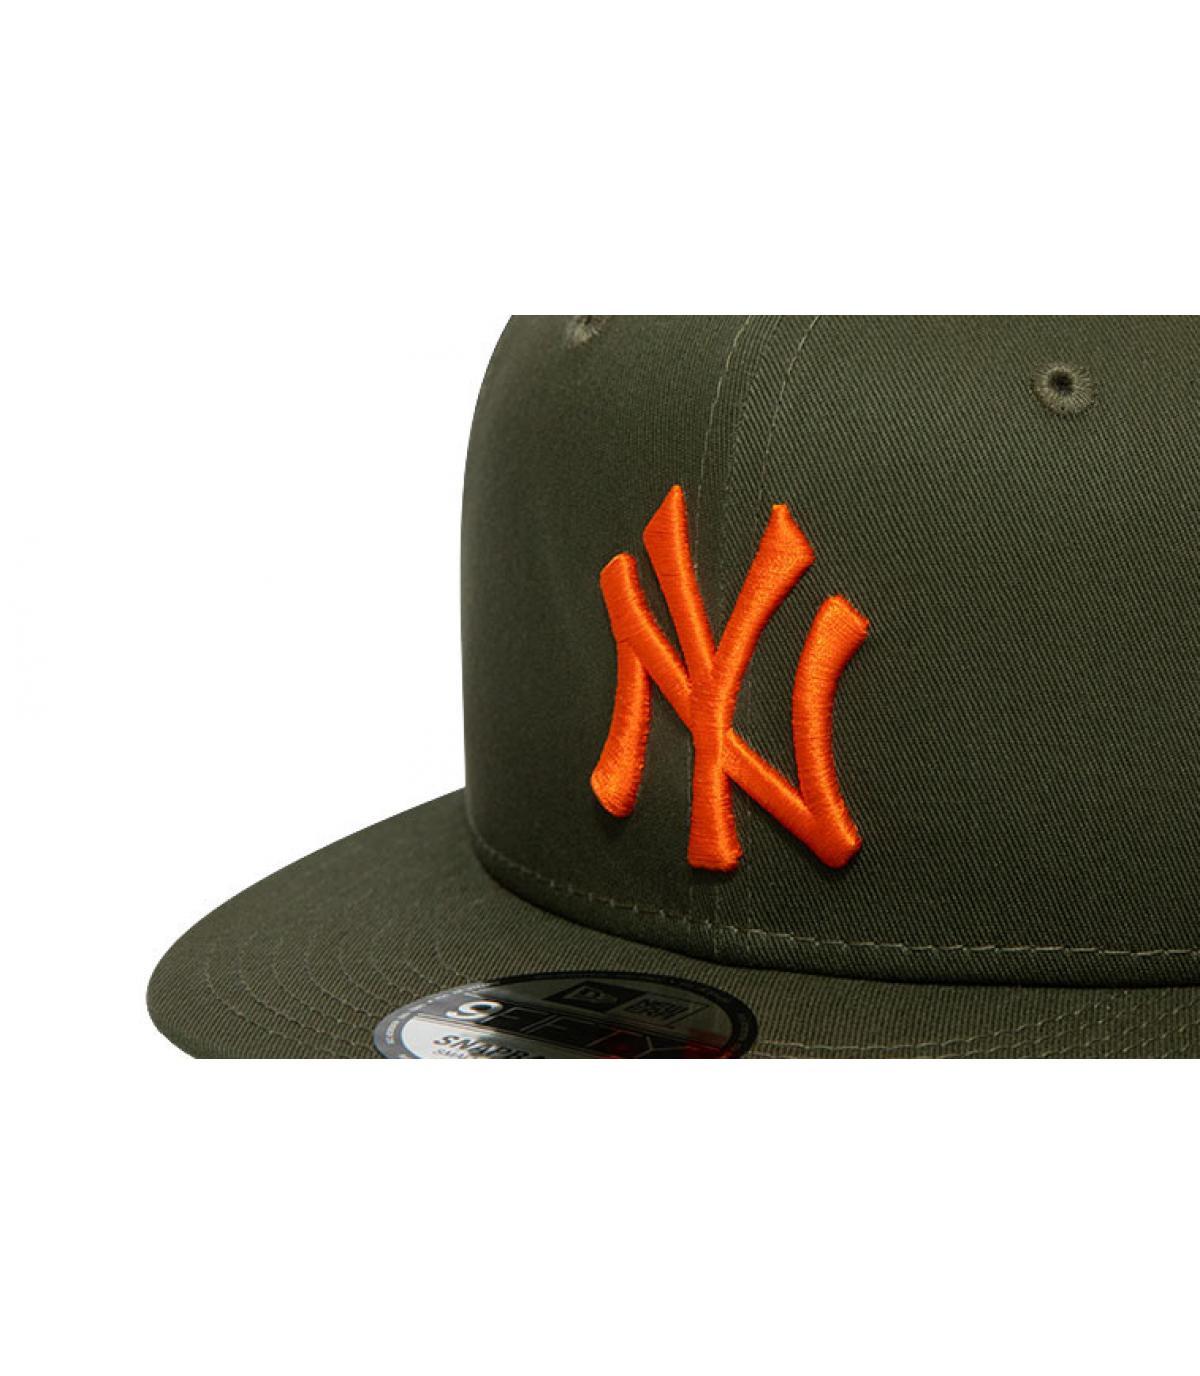 Details Snapback League Ess NY 950 NY olive orange - Abbildung 3